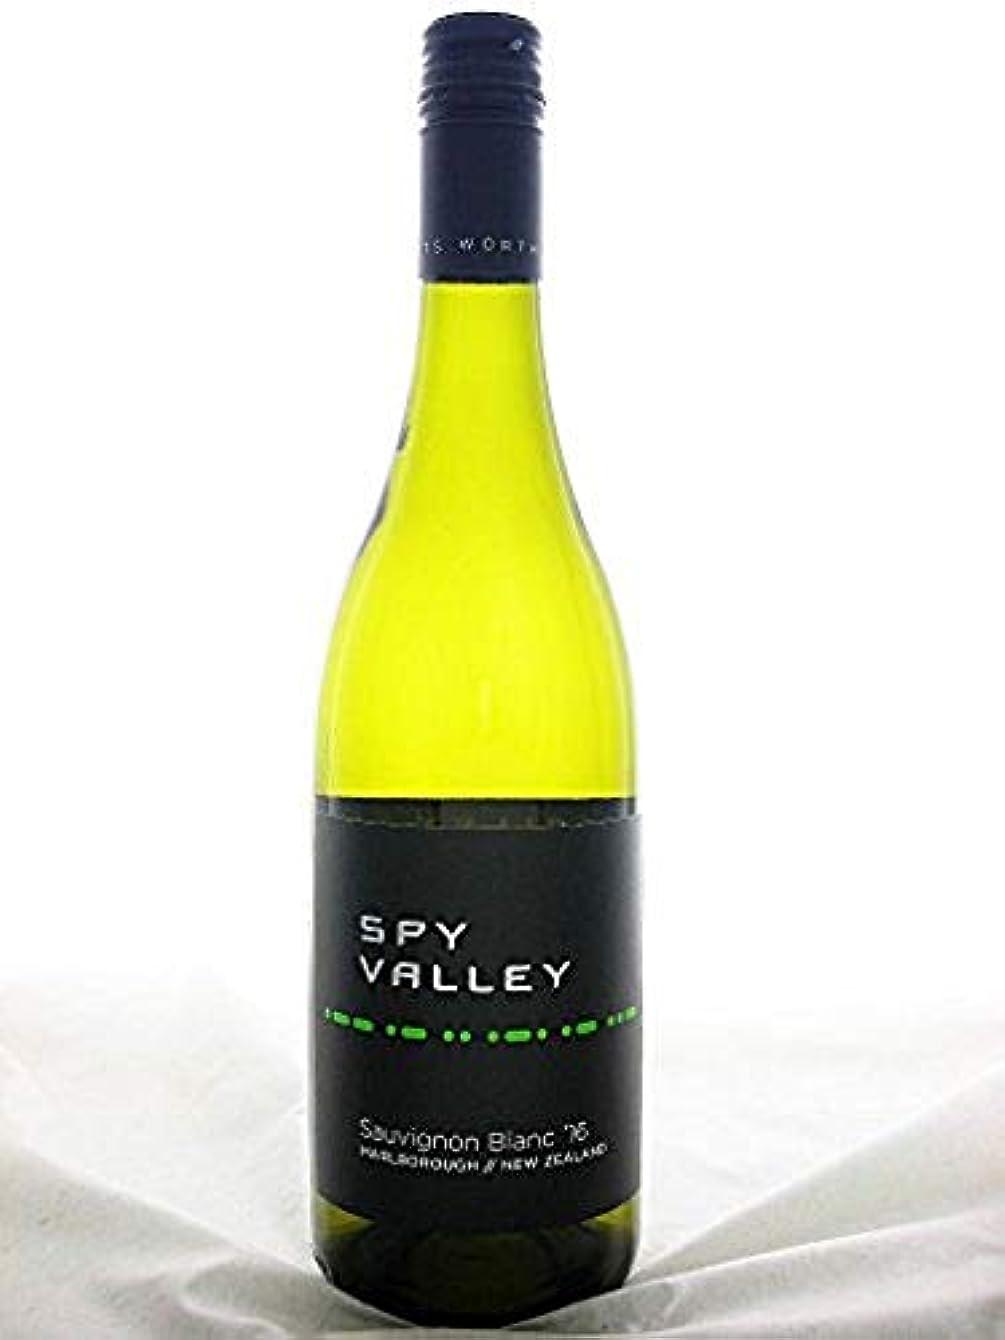 主婦倒錯衝突コーススパイヴァレー ソーヴィニヨンブラン Spy Valley ニュージーランド産?白ワイン?辛口?750ml